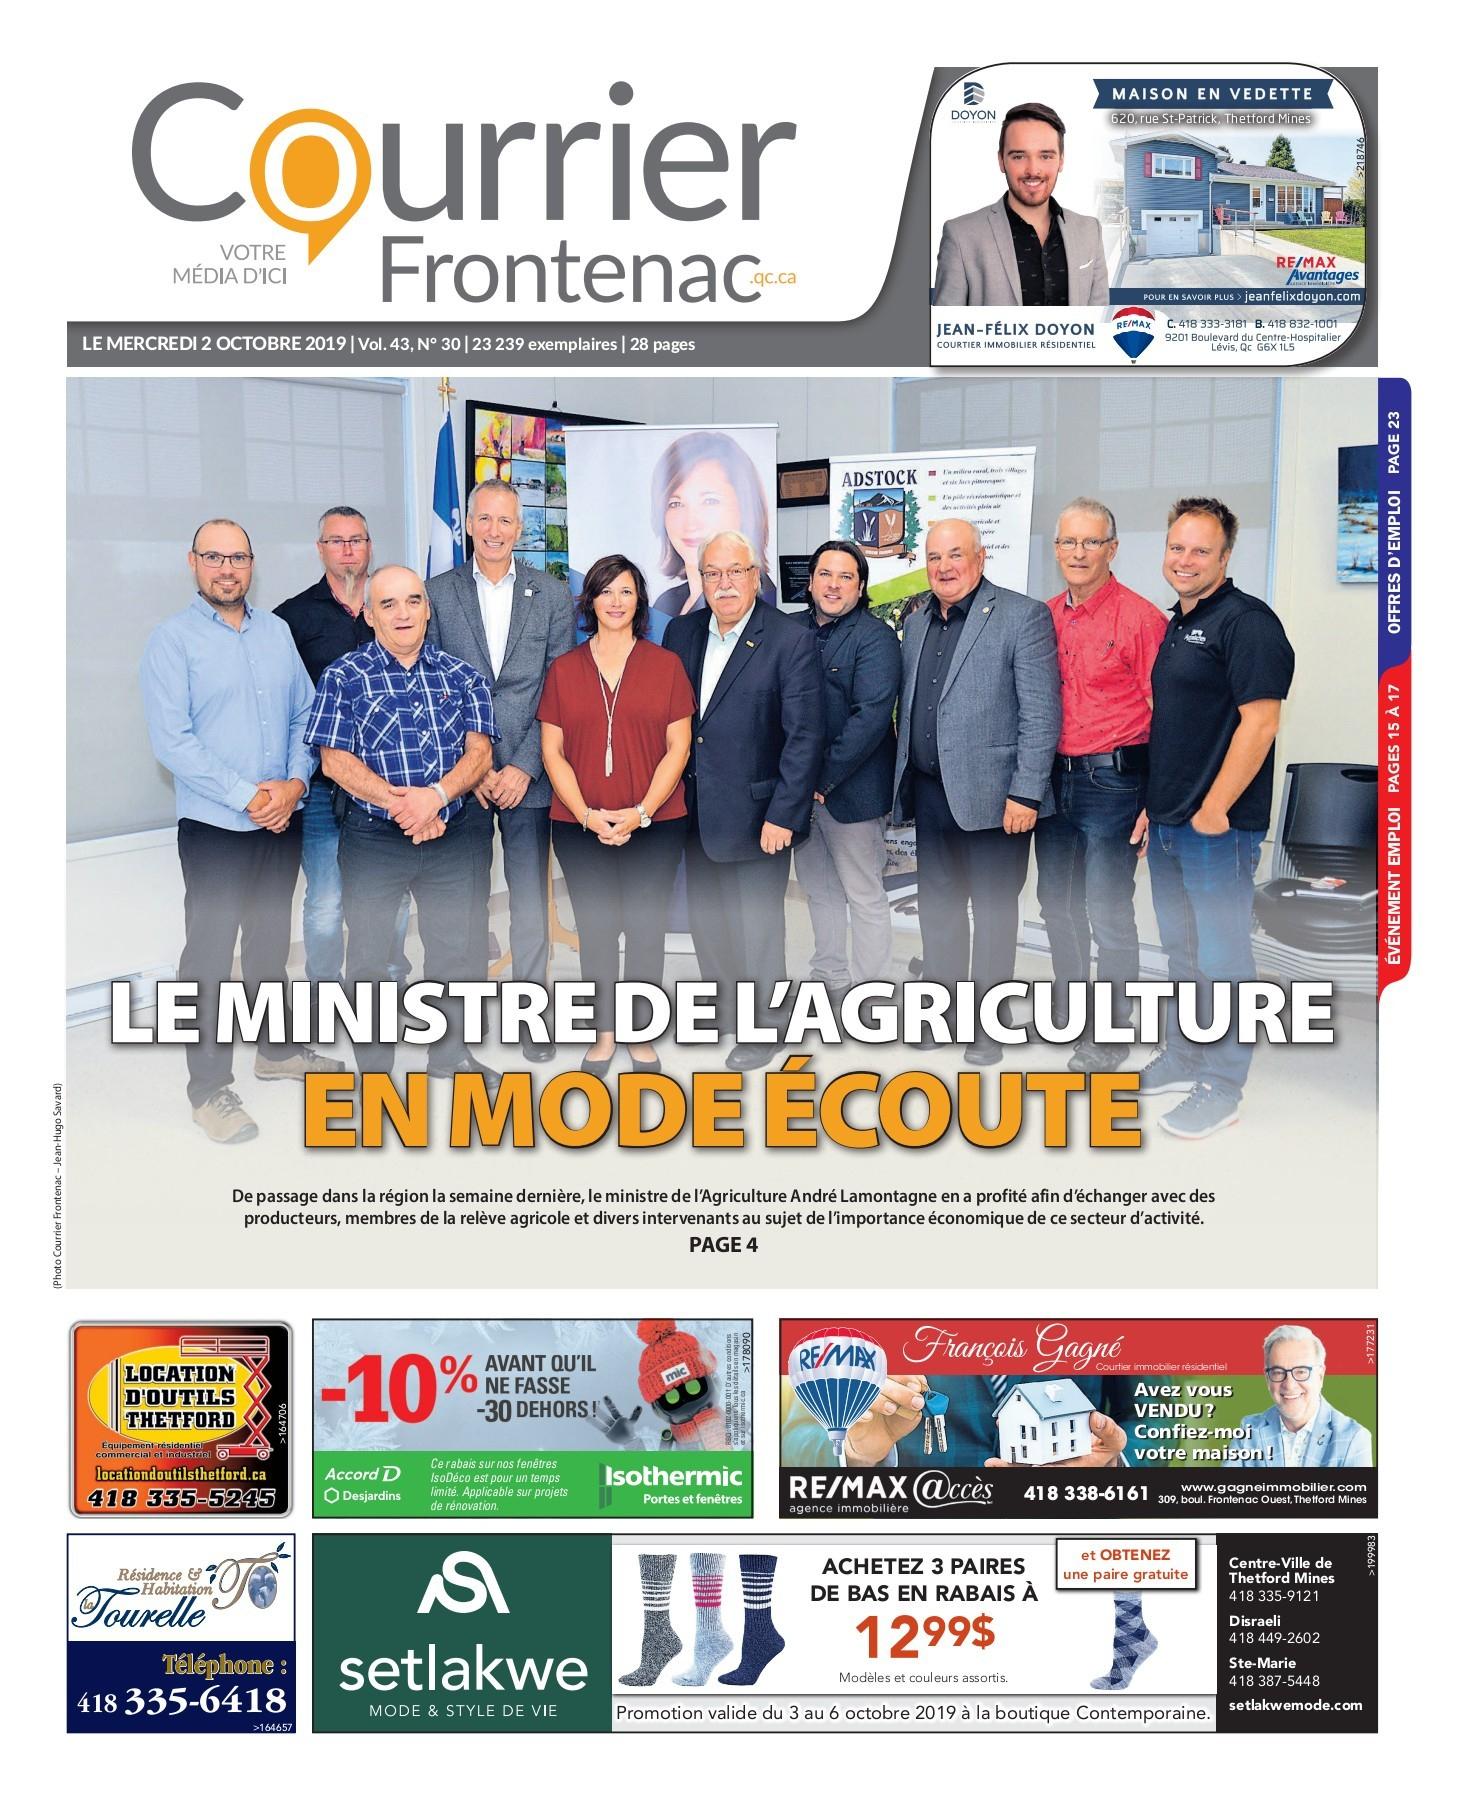 Carte Magasin Leclerc Luxe Fr Pages 1 28 Text Version ... tout Tondeuse Leclerc Jardin